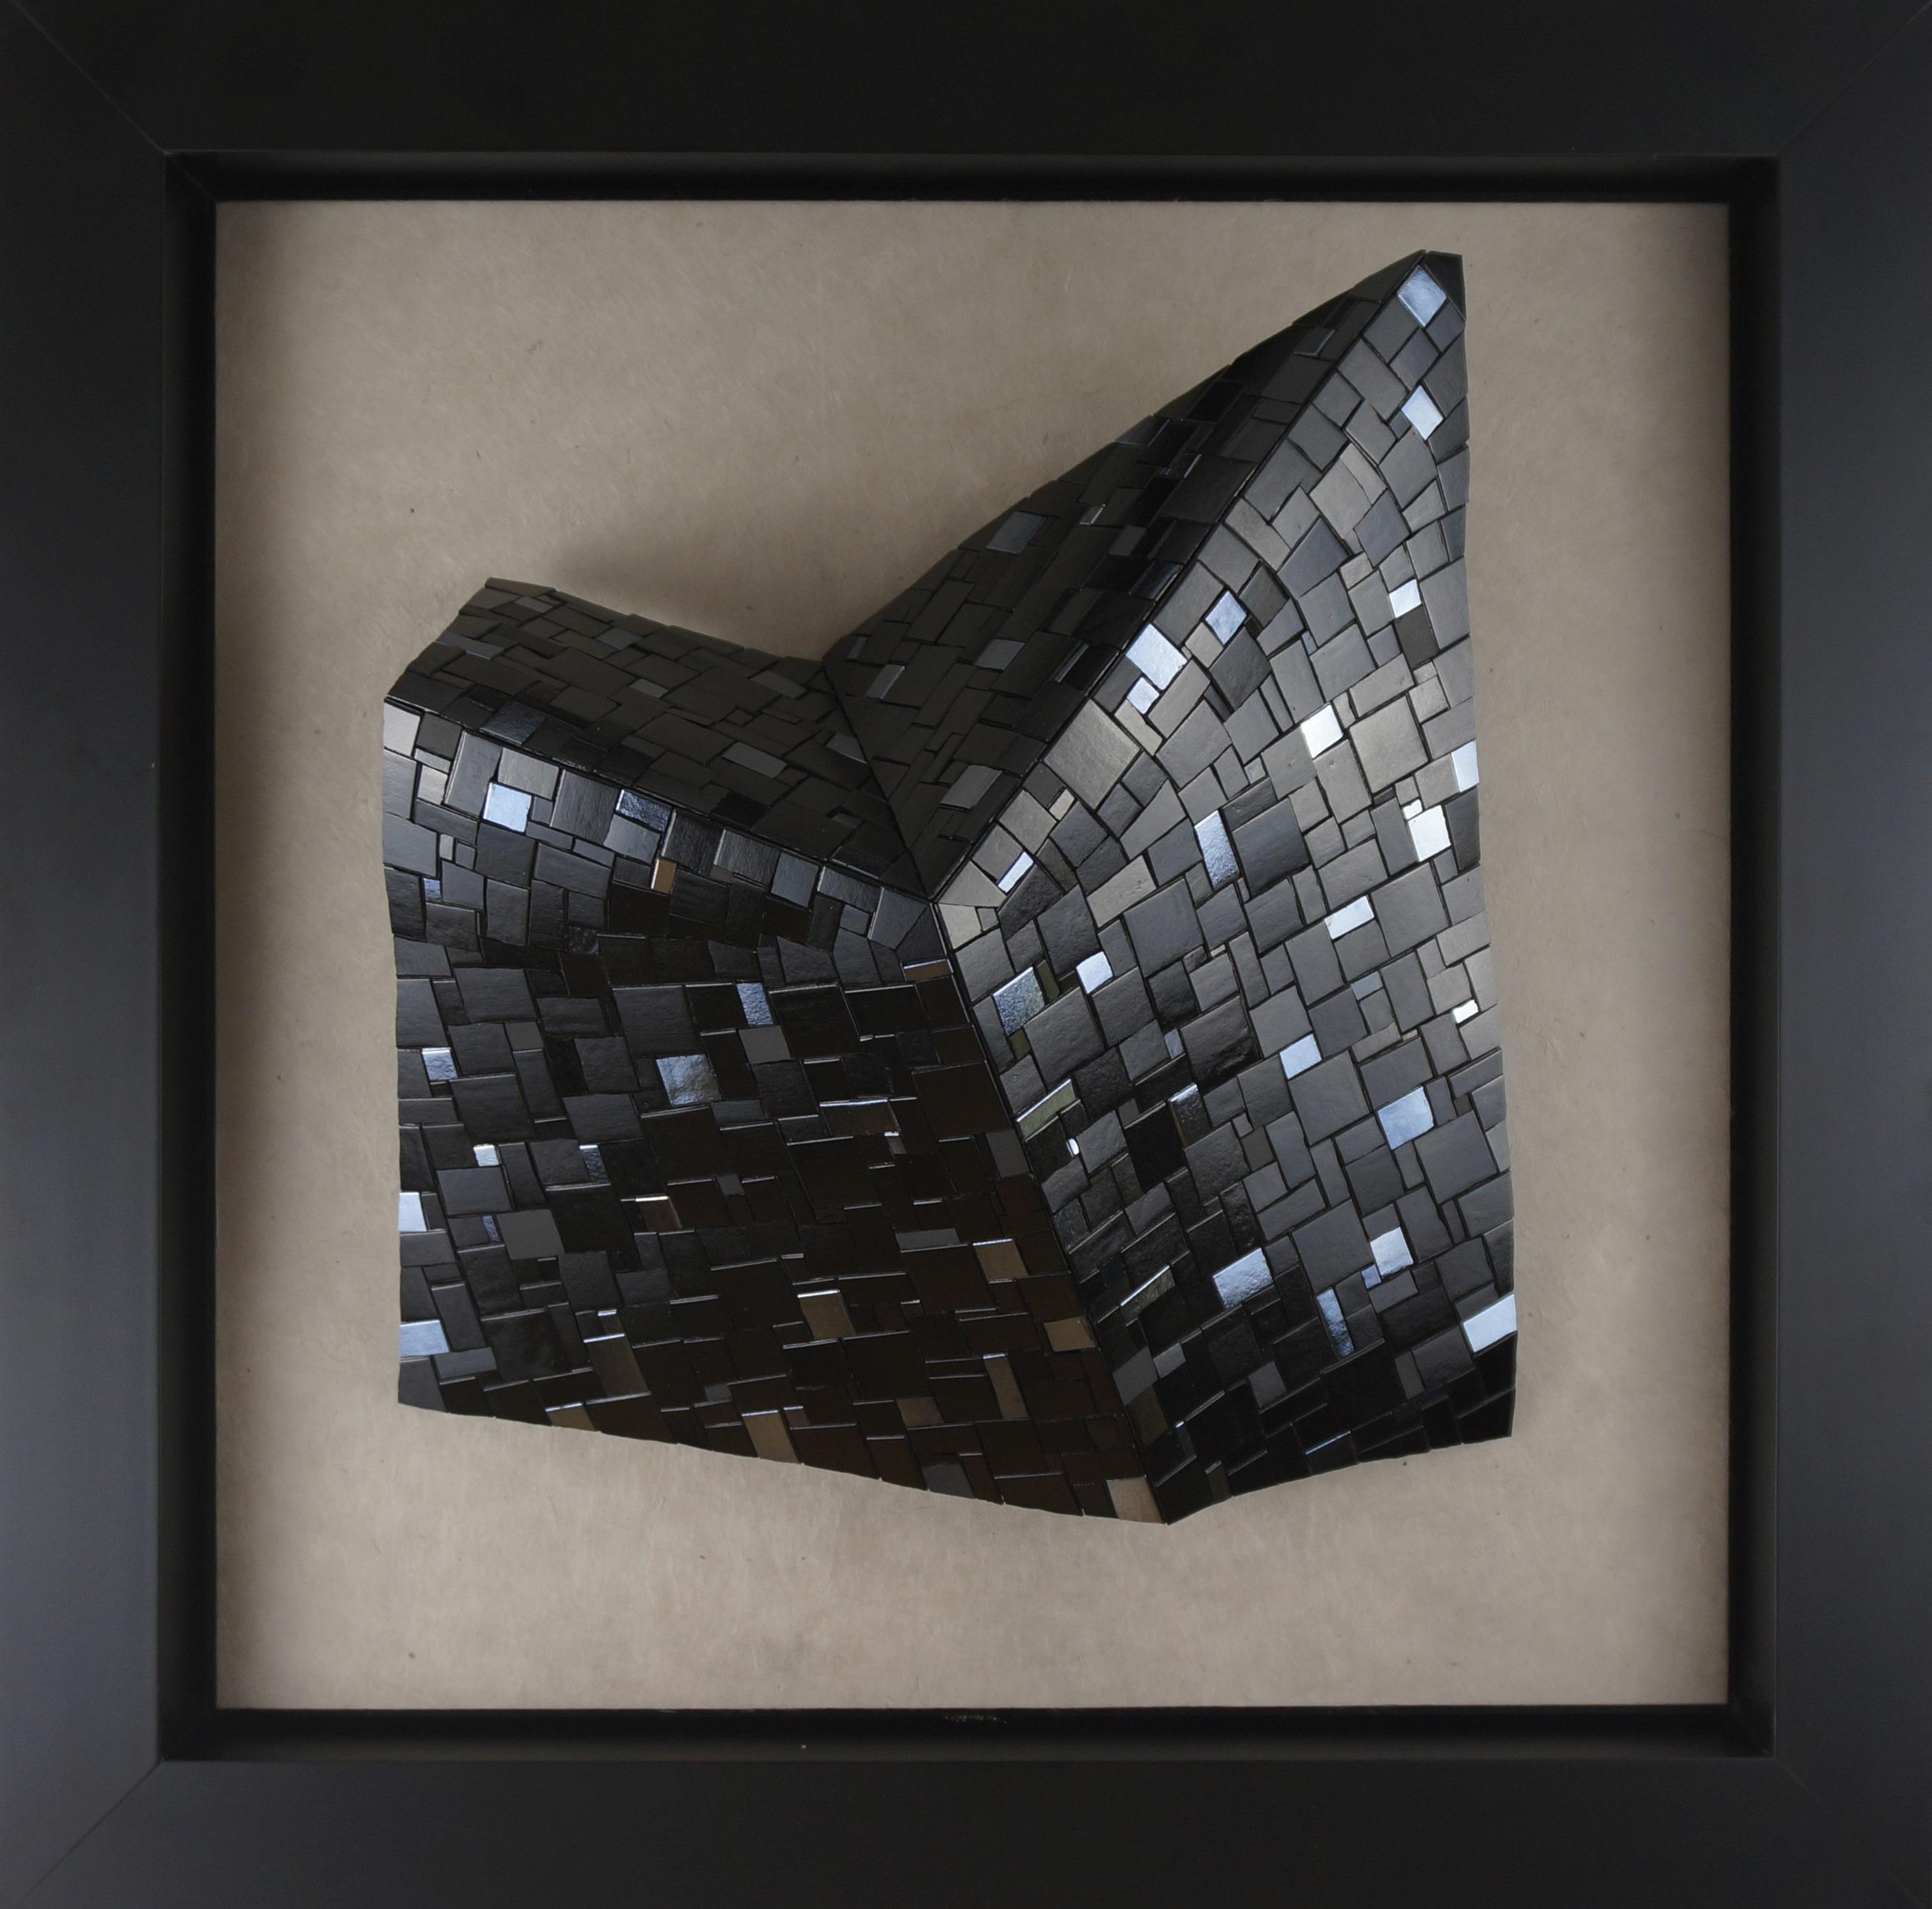 Kuro Piegare 8132 (2) Black Grey Metal P